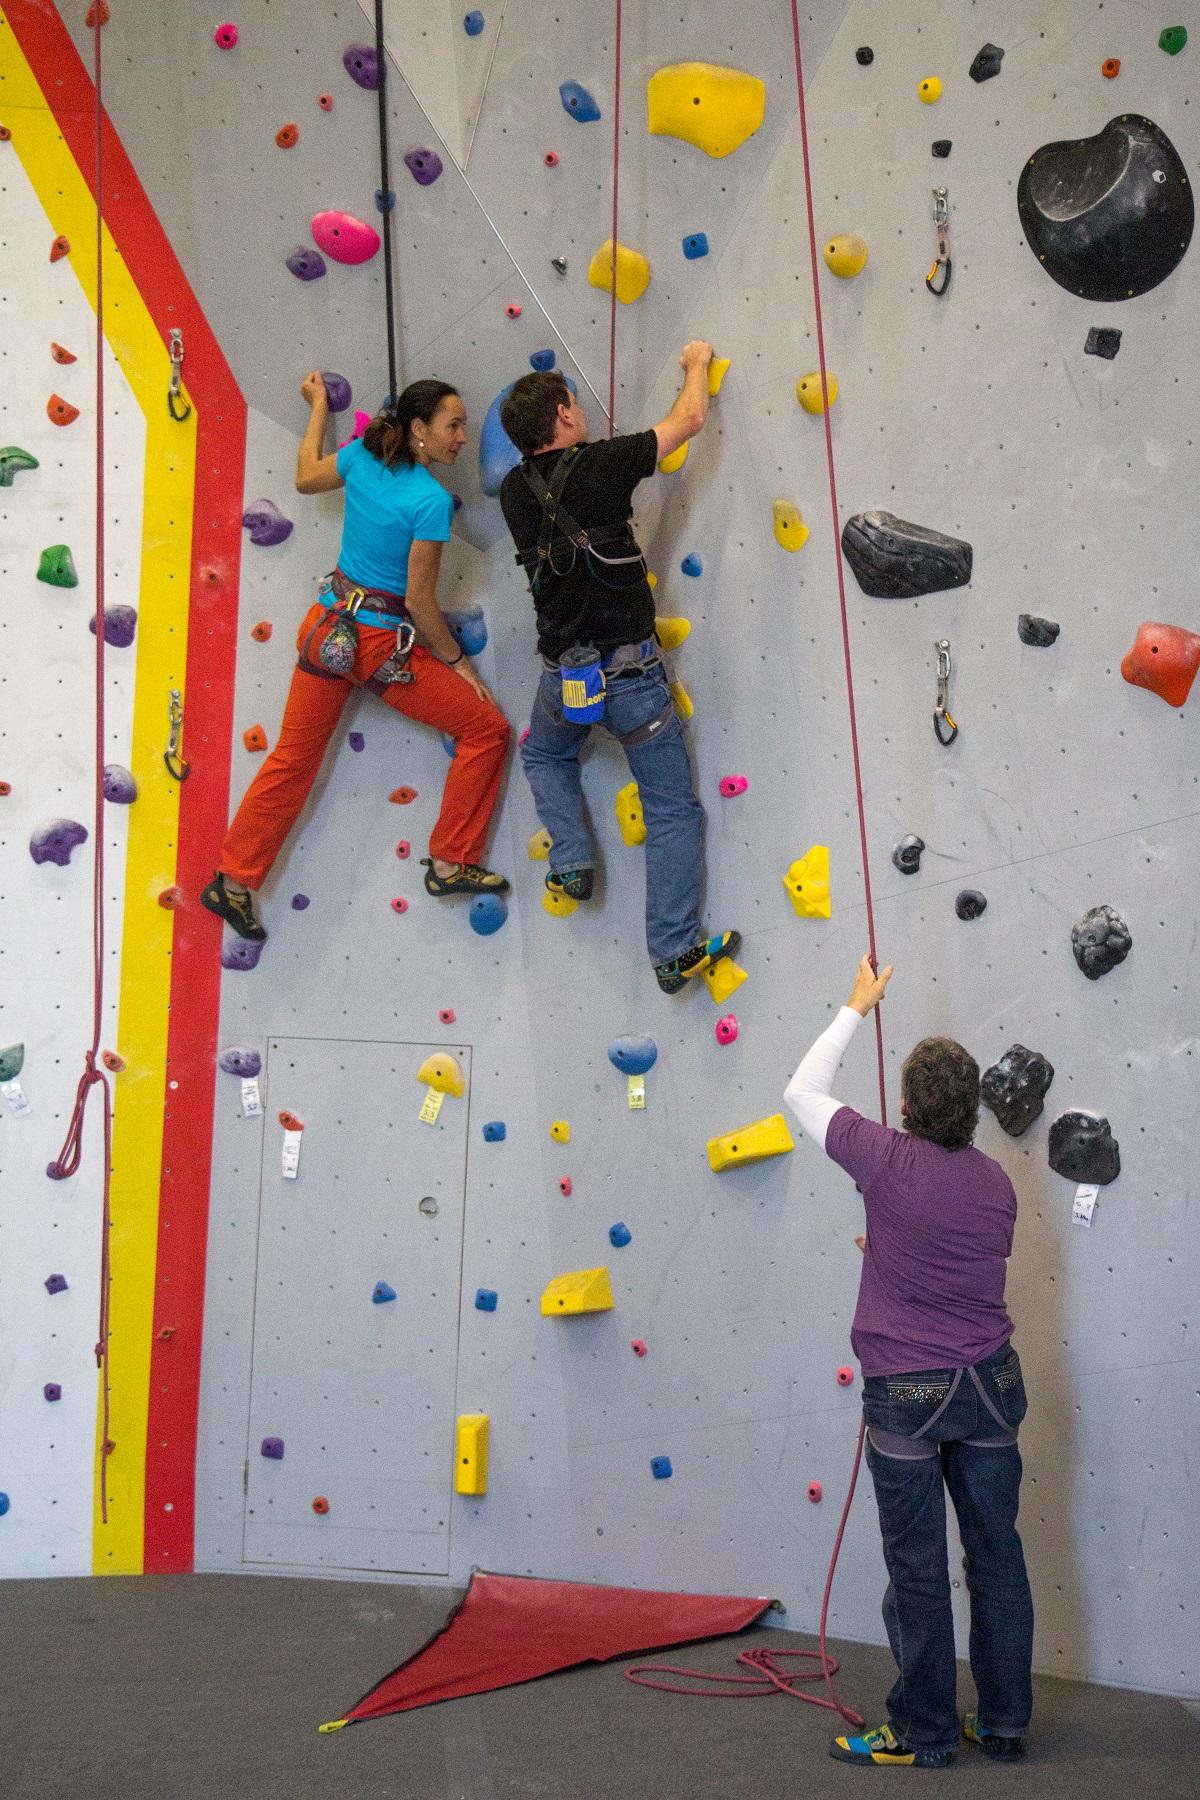 Climbing -